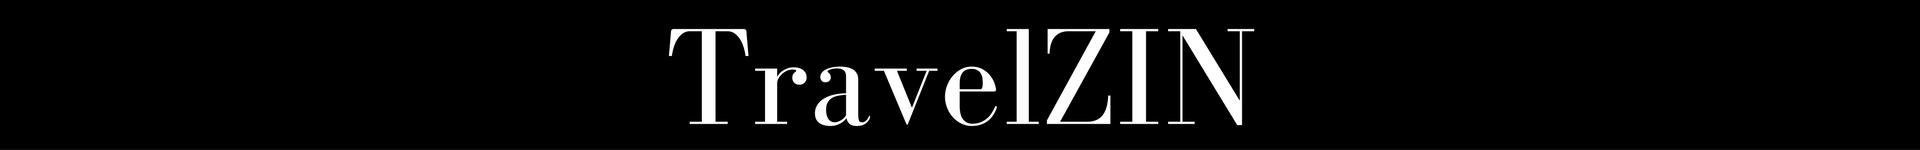 TravelZIN